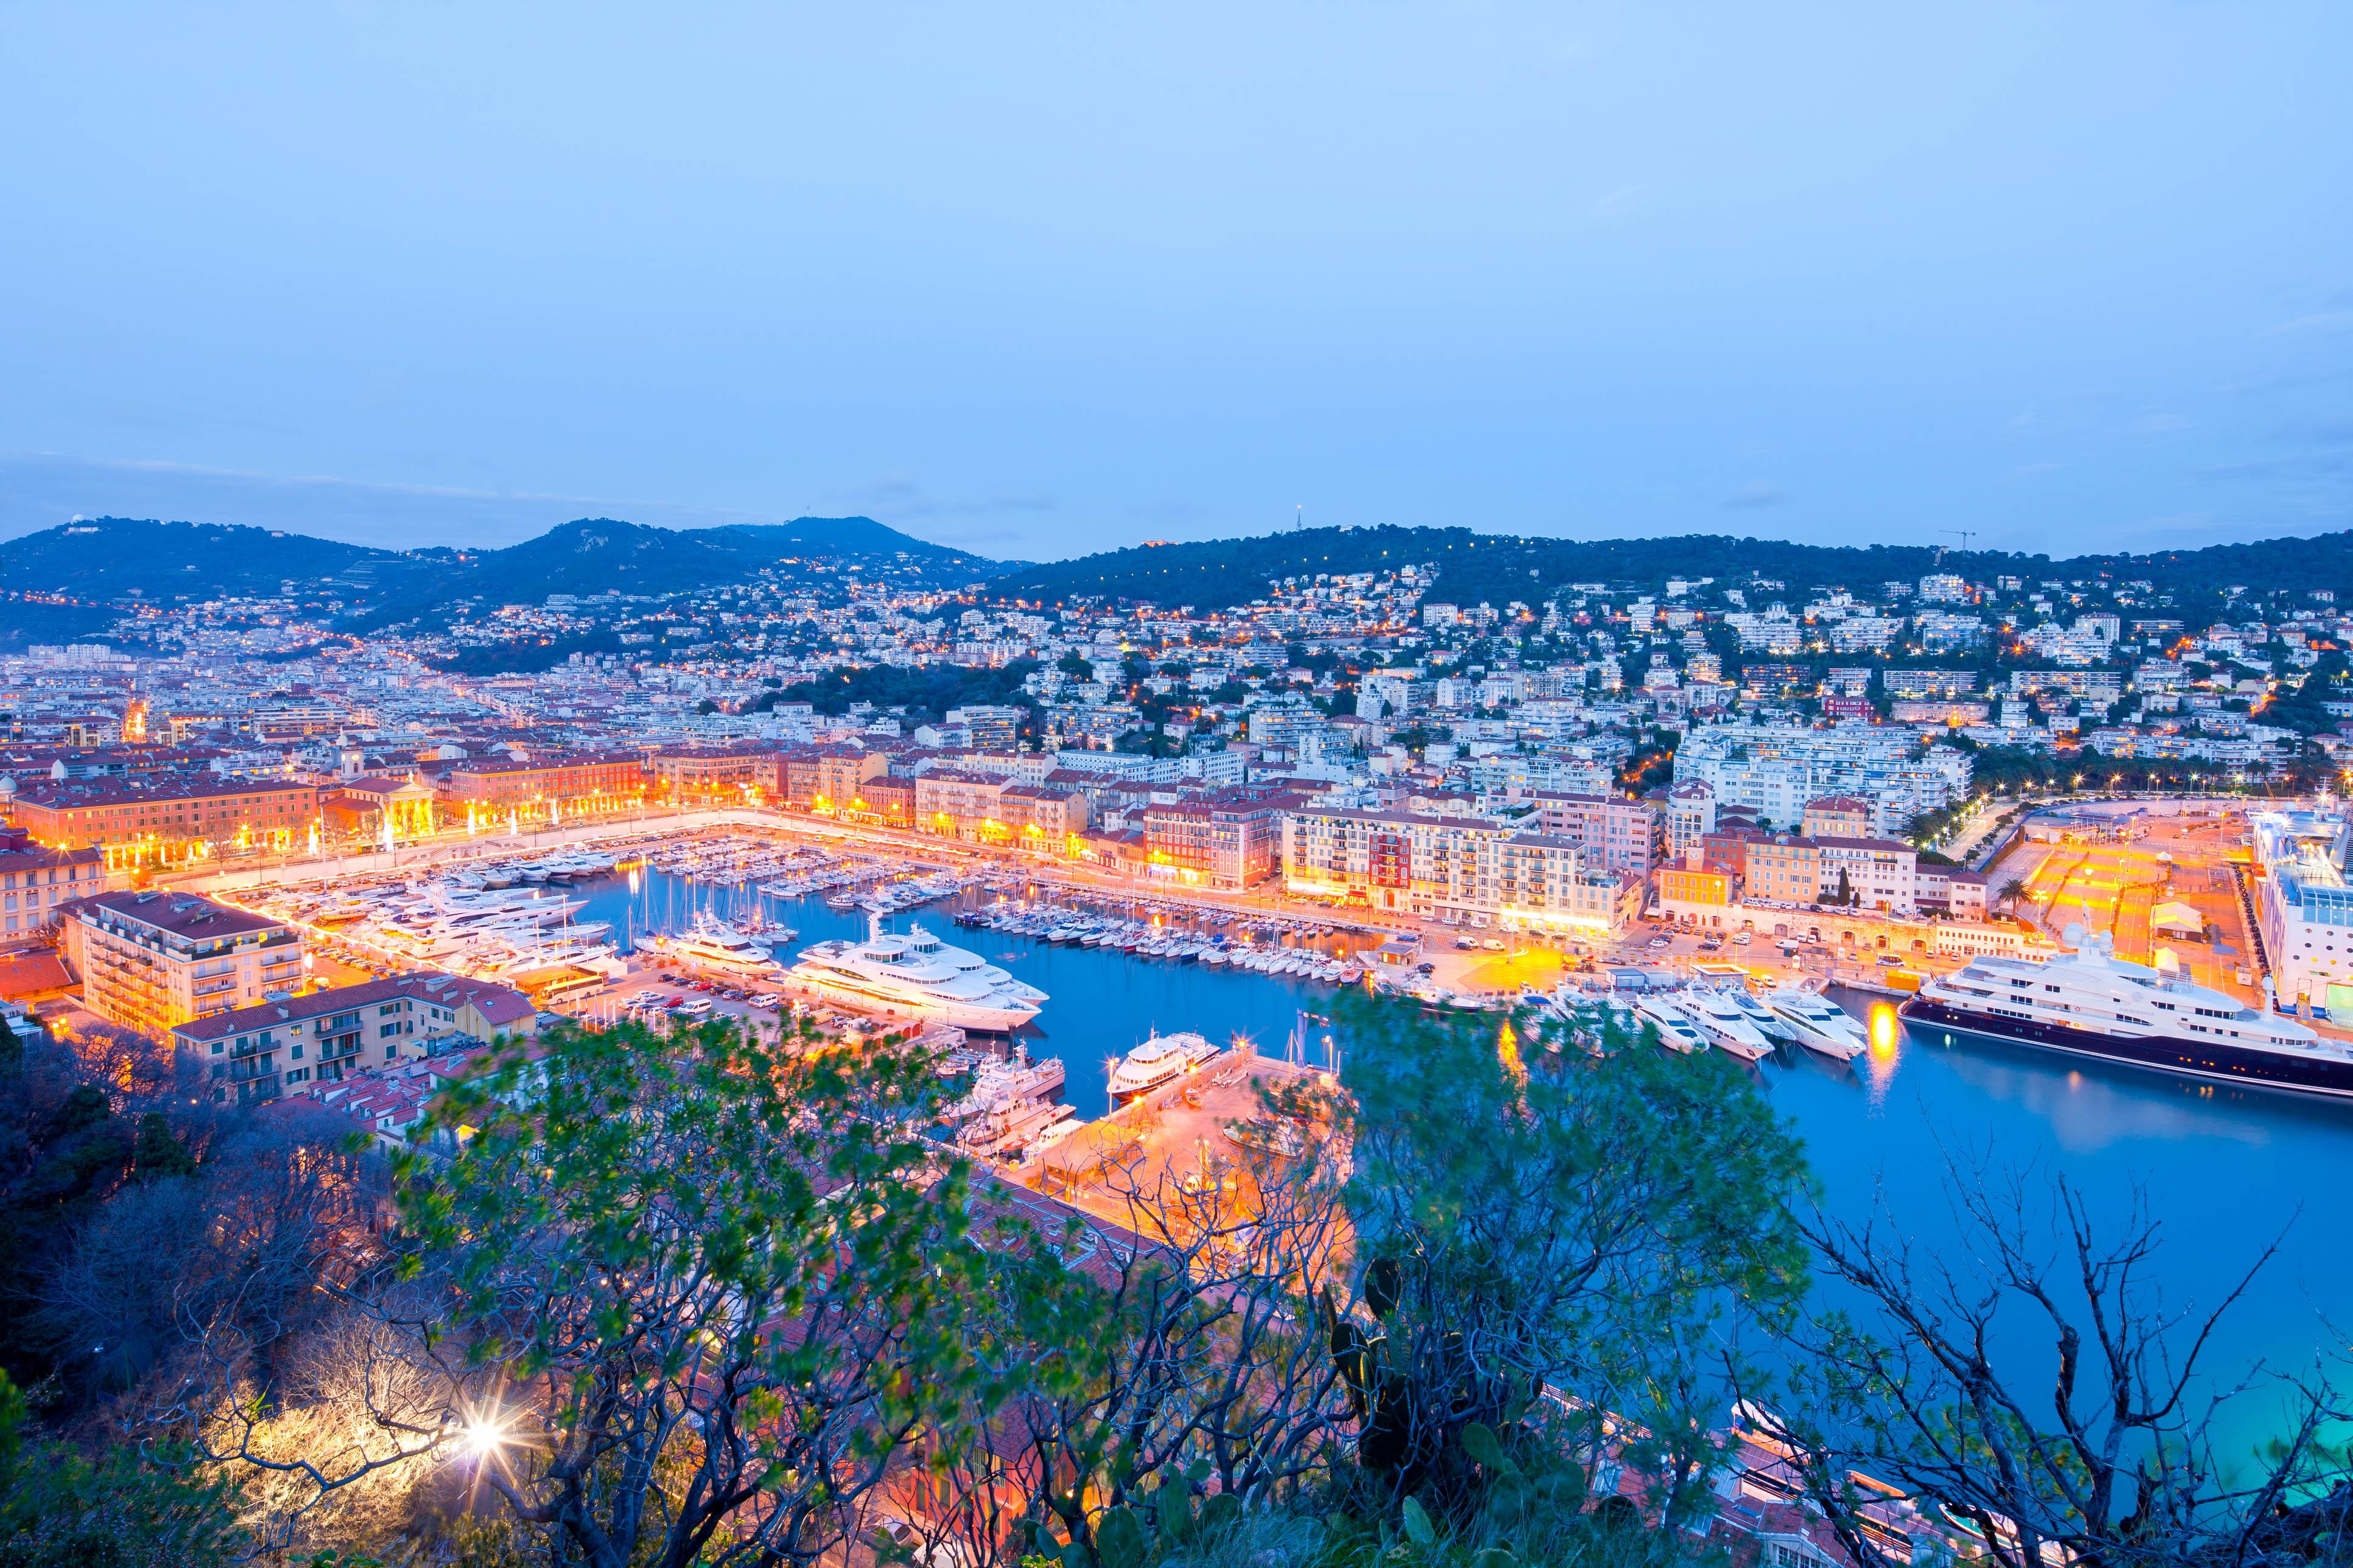 Hafen von Nizza, Blick vom Cathedral Hill